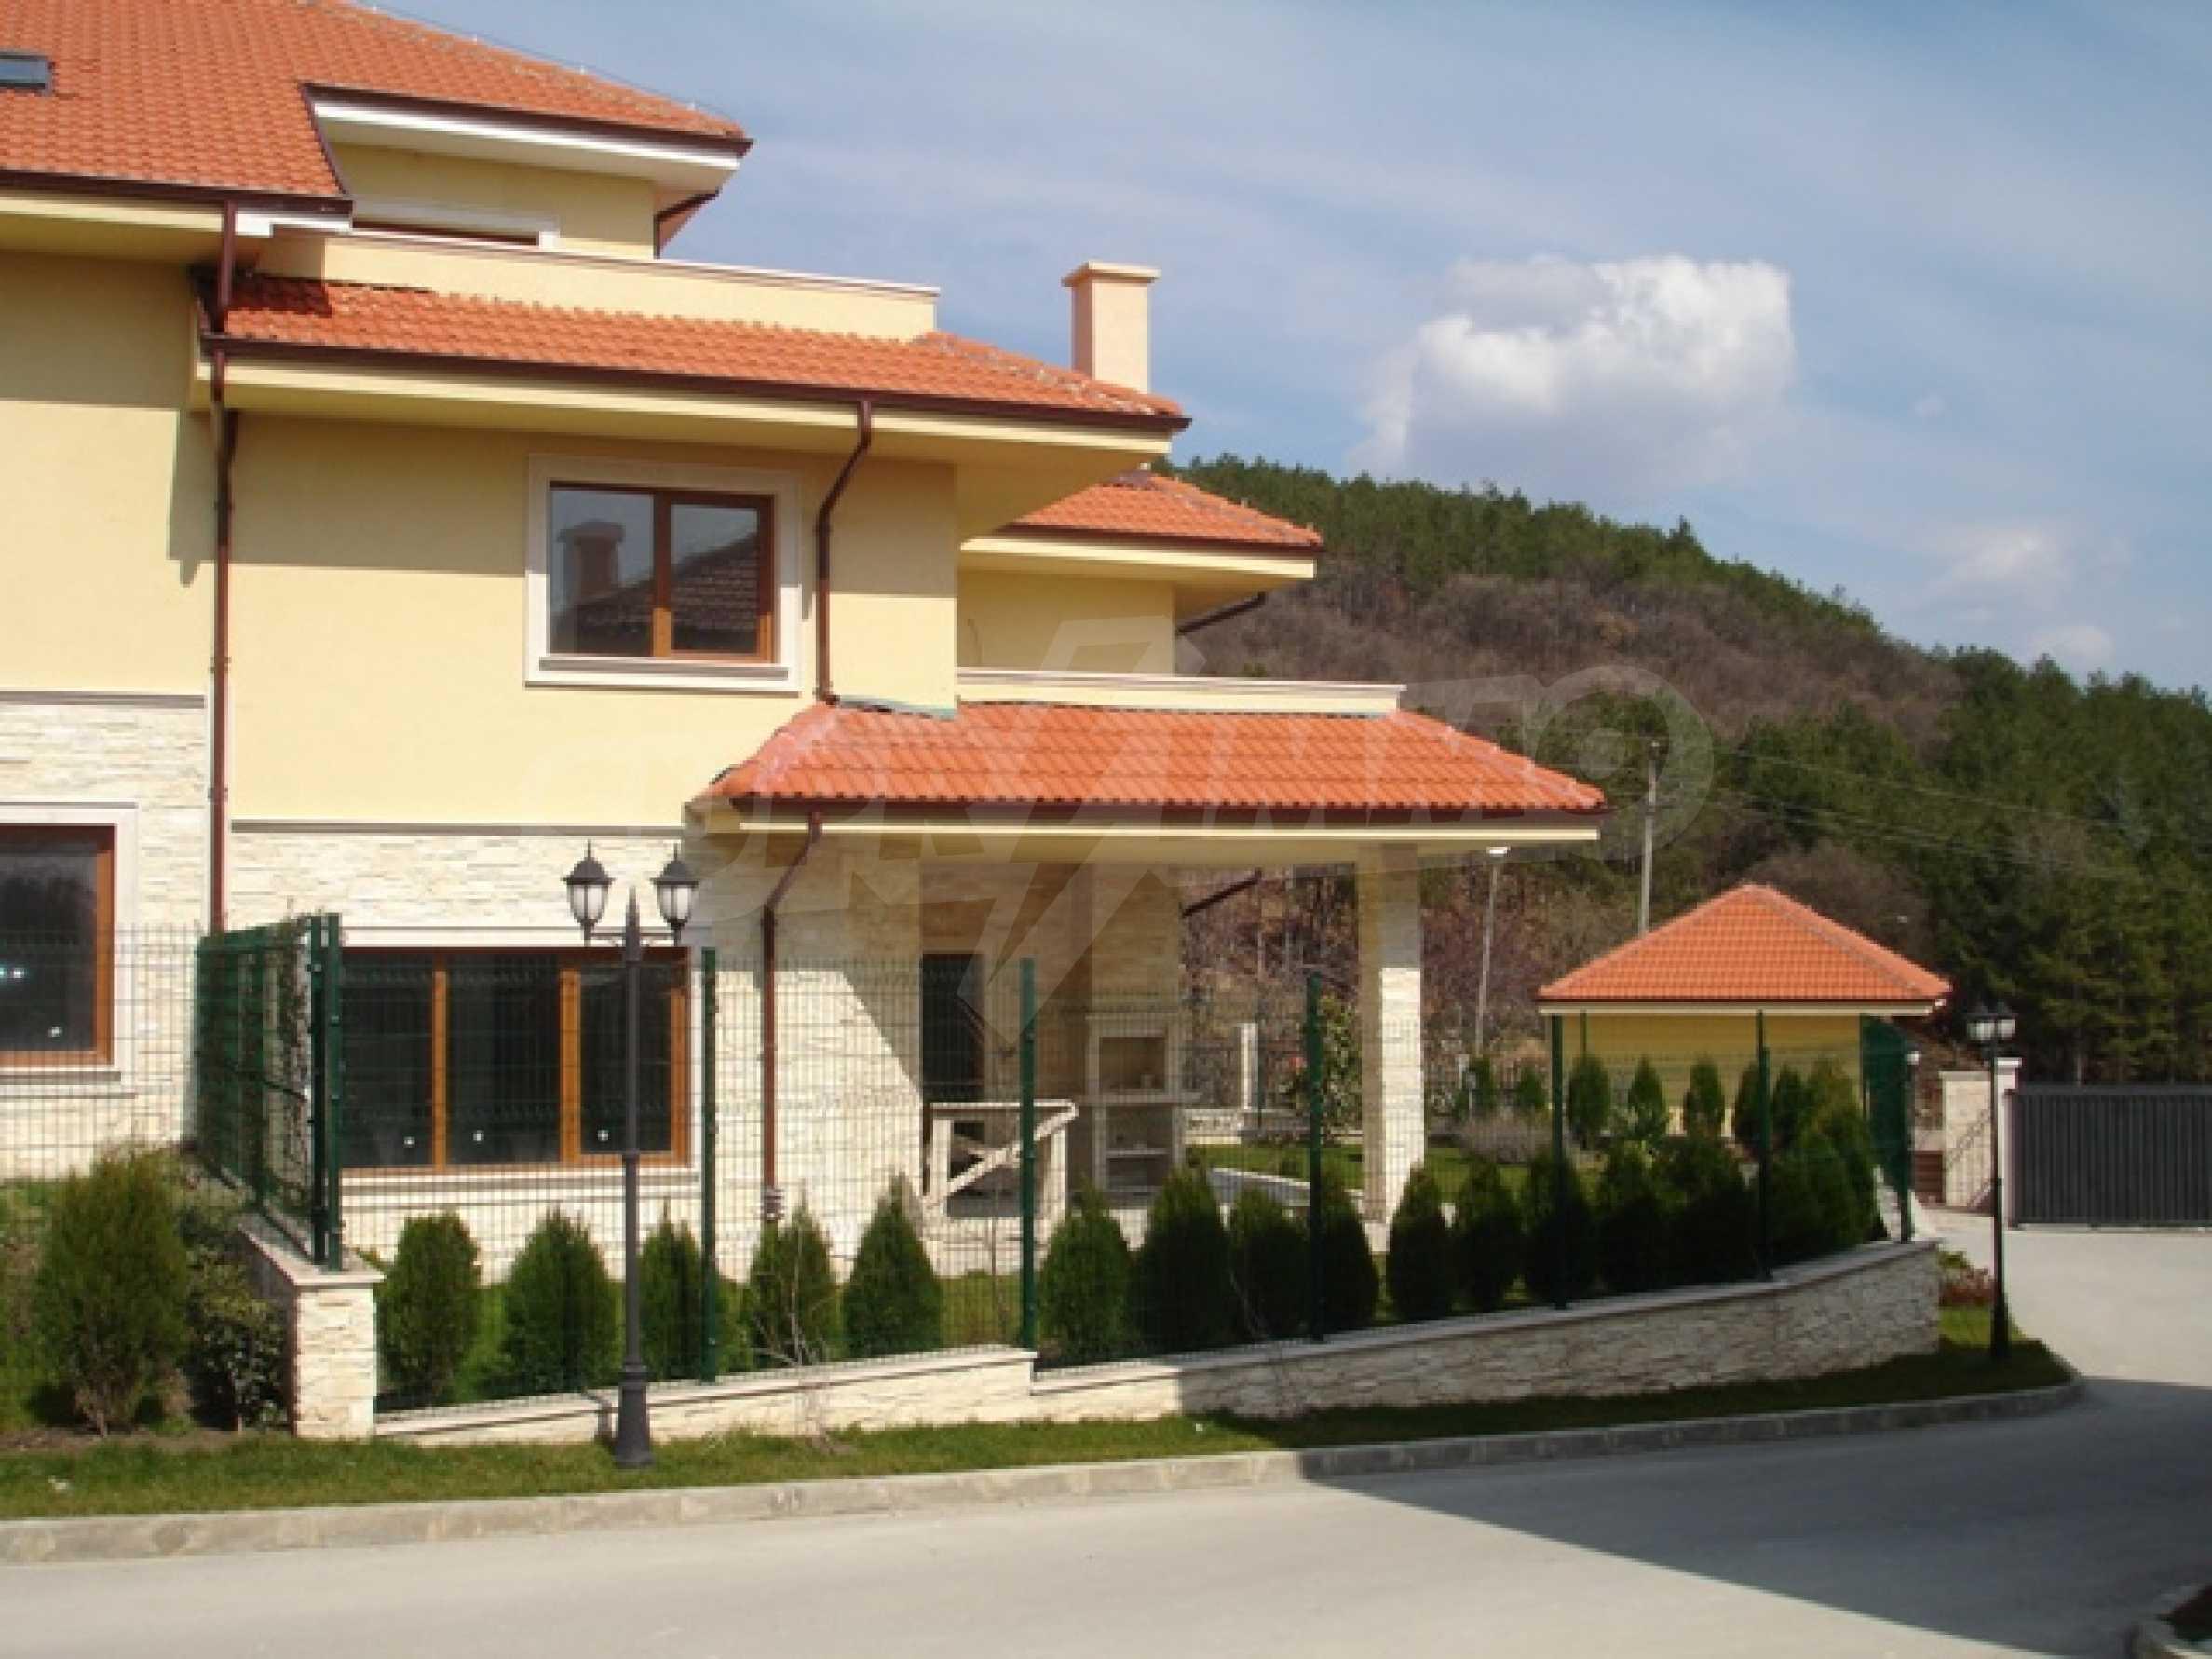 Еднофамилни двуетажни къщи в живописна зона между Варна и Златни пясъци 2